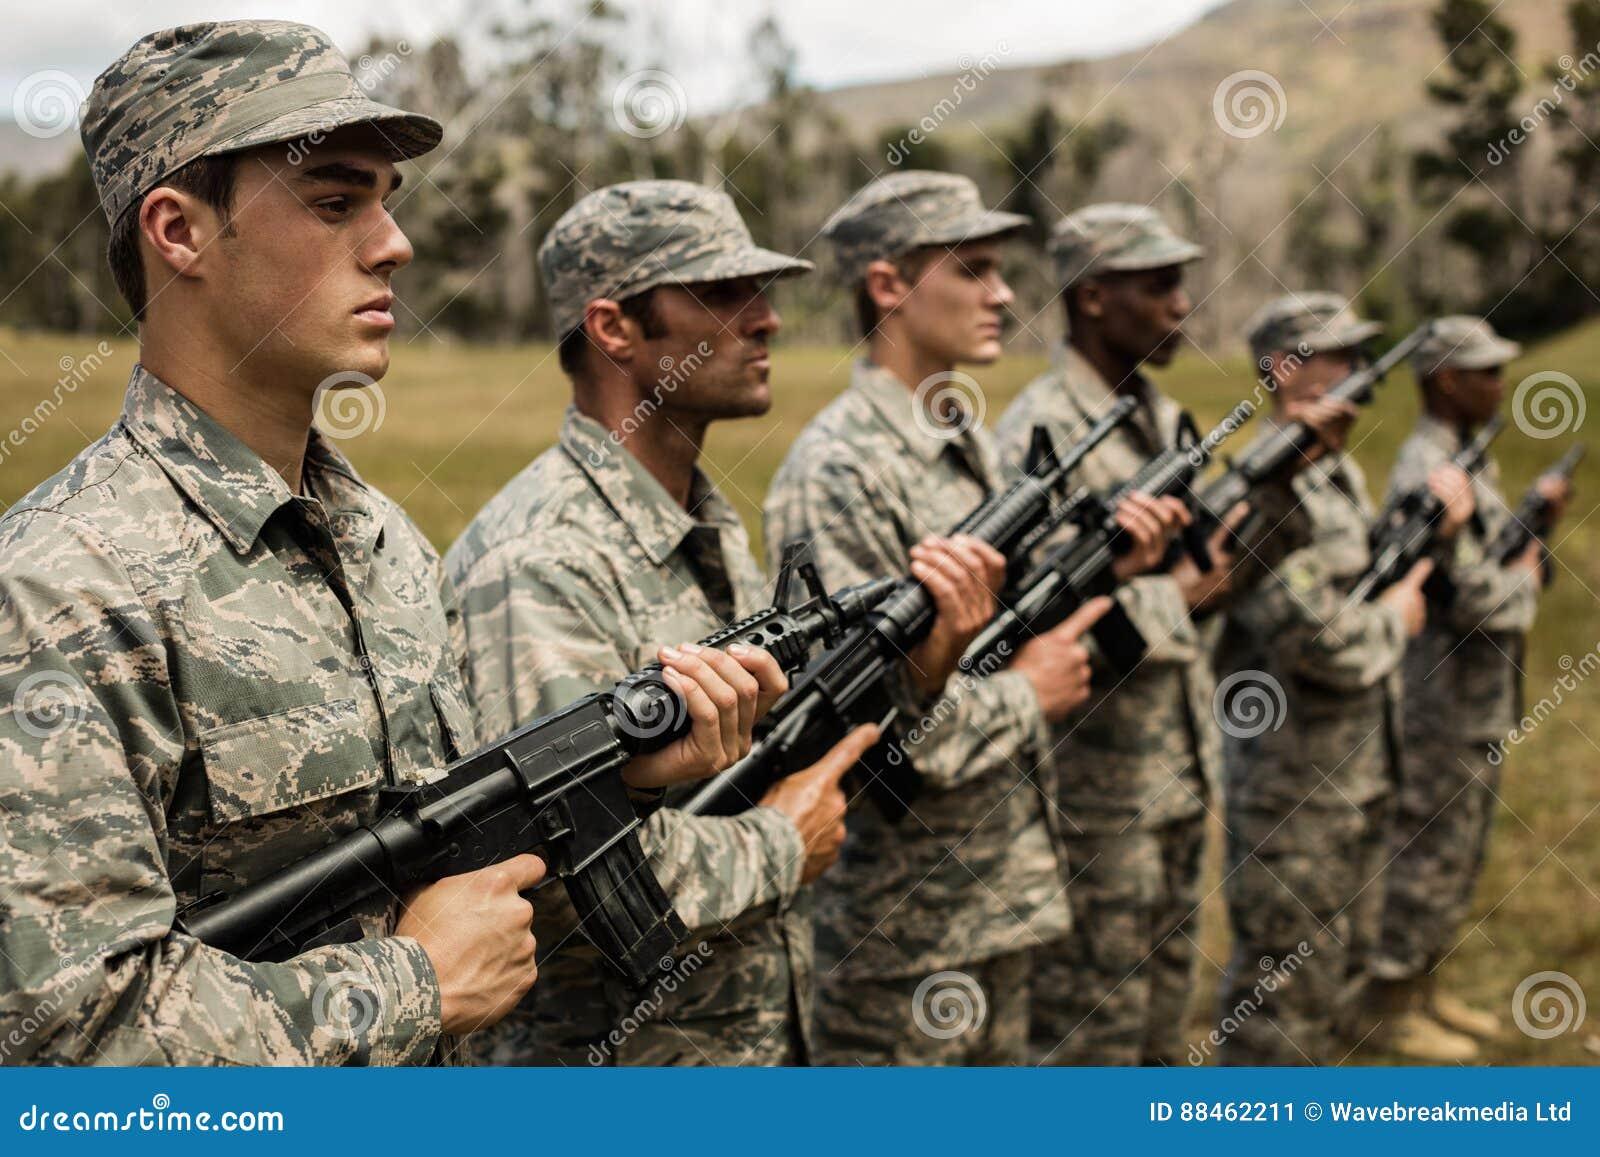 Gruppe Militärsoldaten, die mit Gewehren stehen